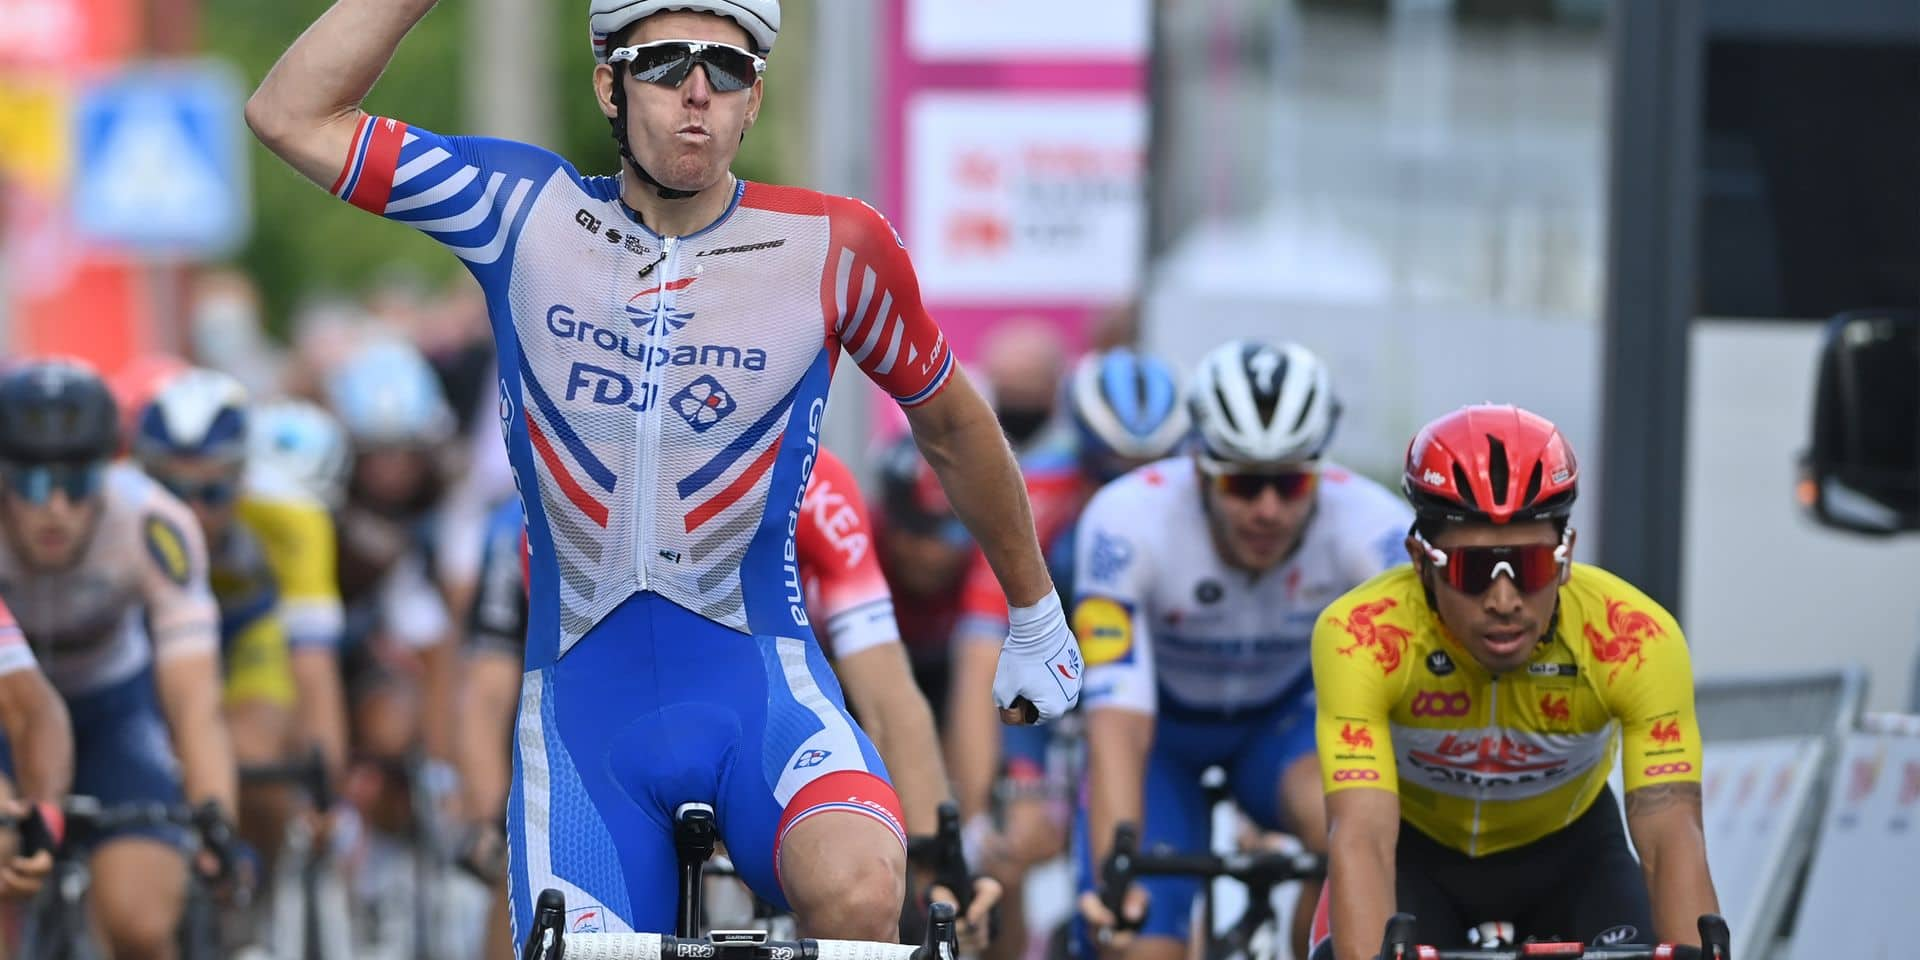 """La revanche de Démare: """"C'était l'objectif de ramener une victoire du Tour de Wallonie"""""""